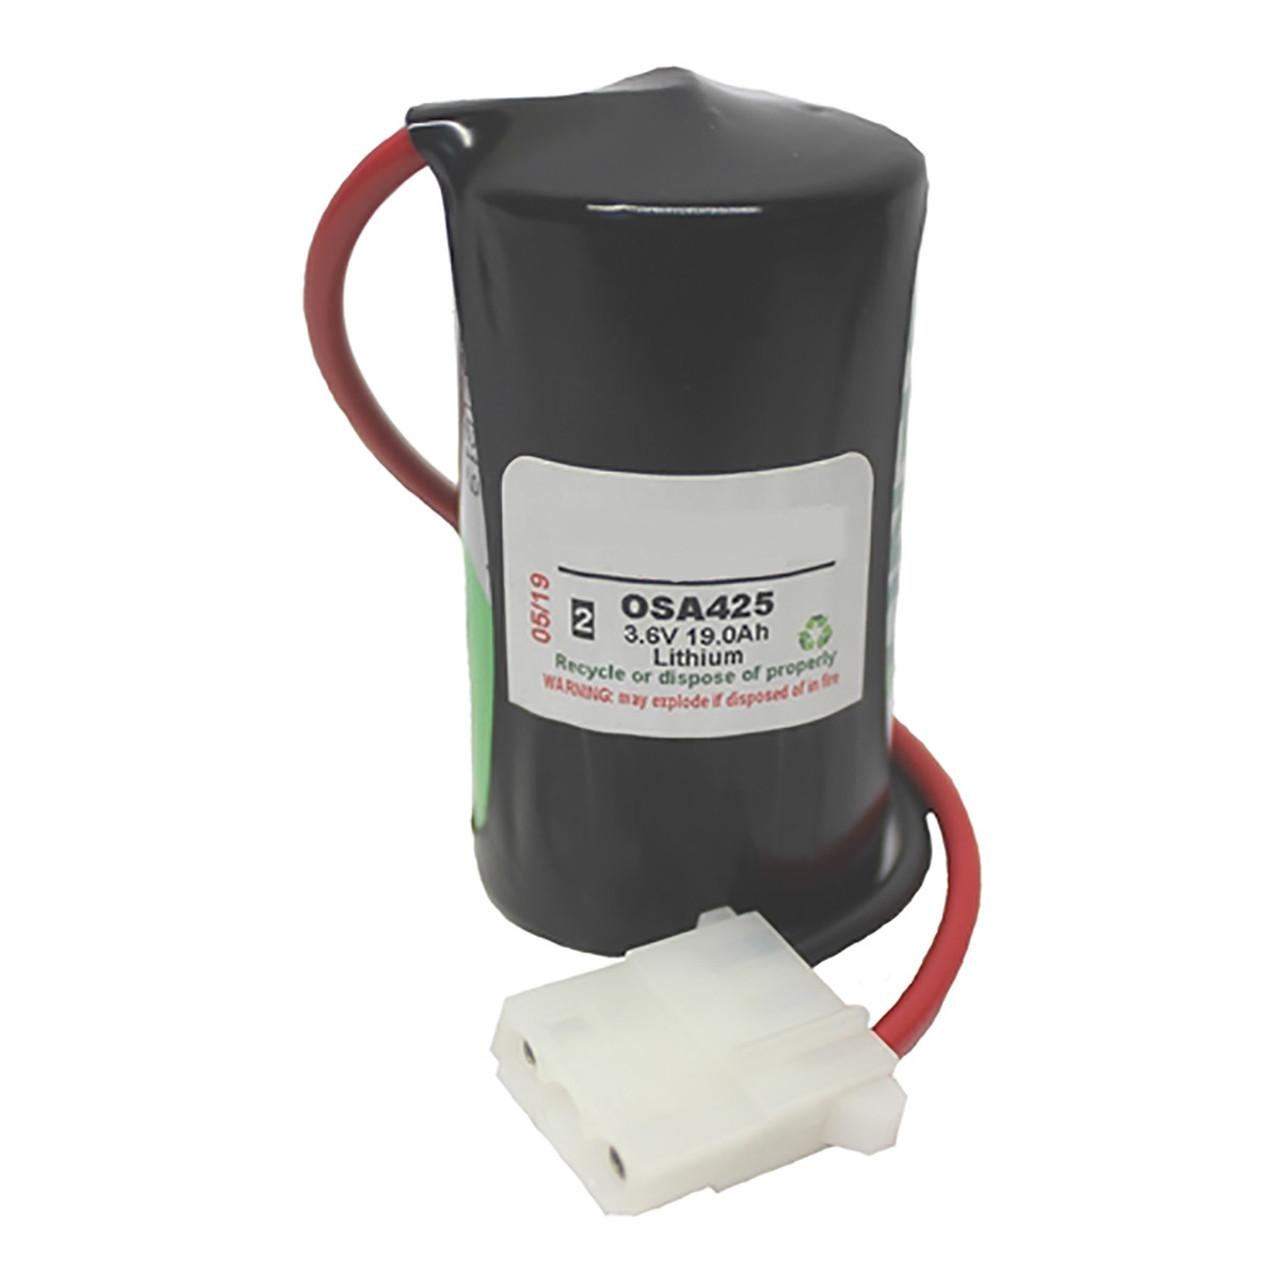 Datus 600143-001  DM2 Meter Replacement Battery